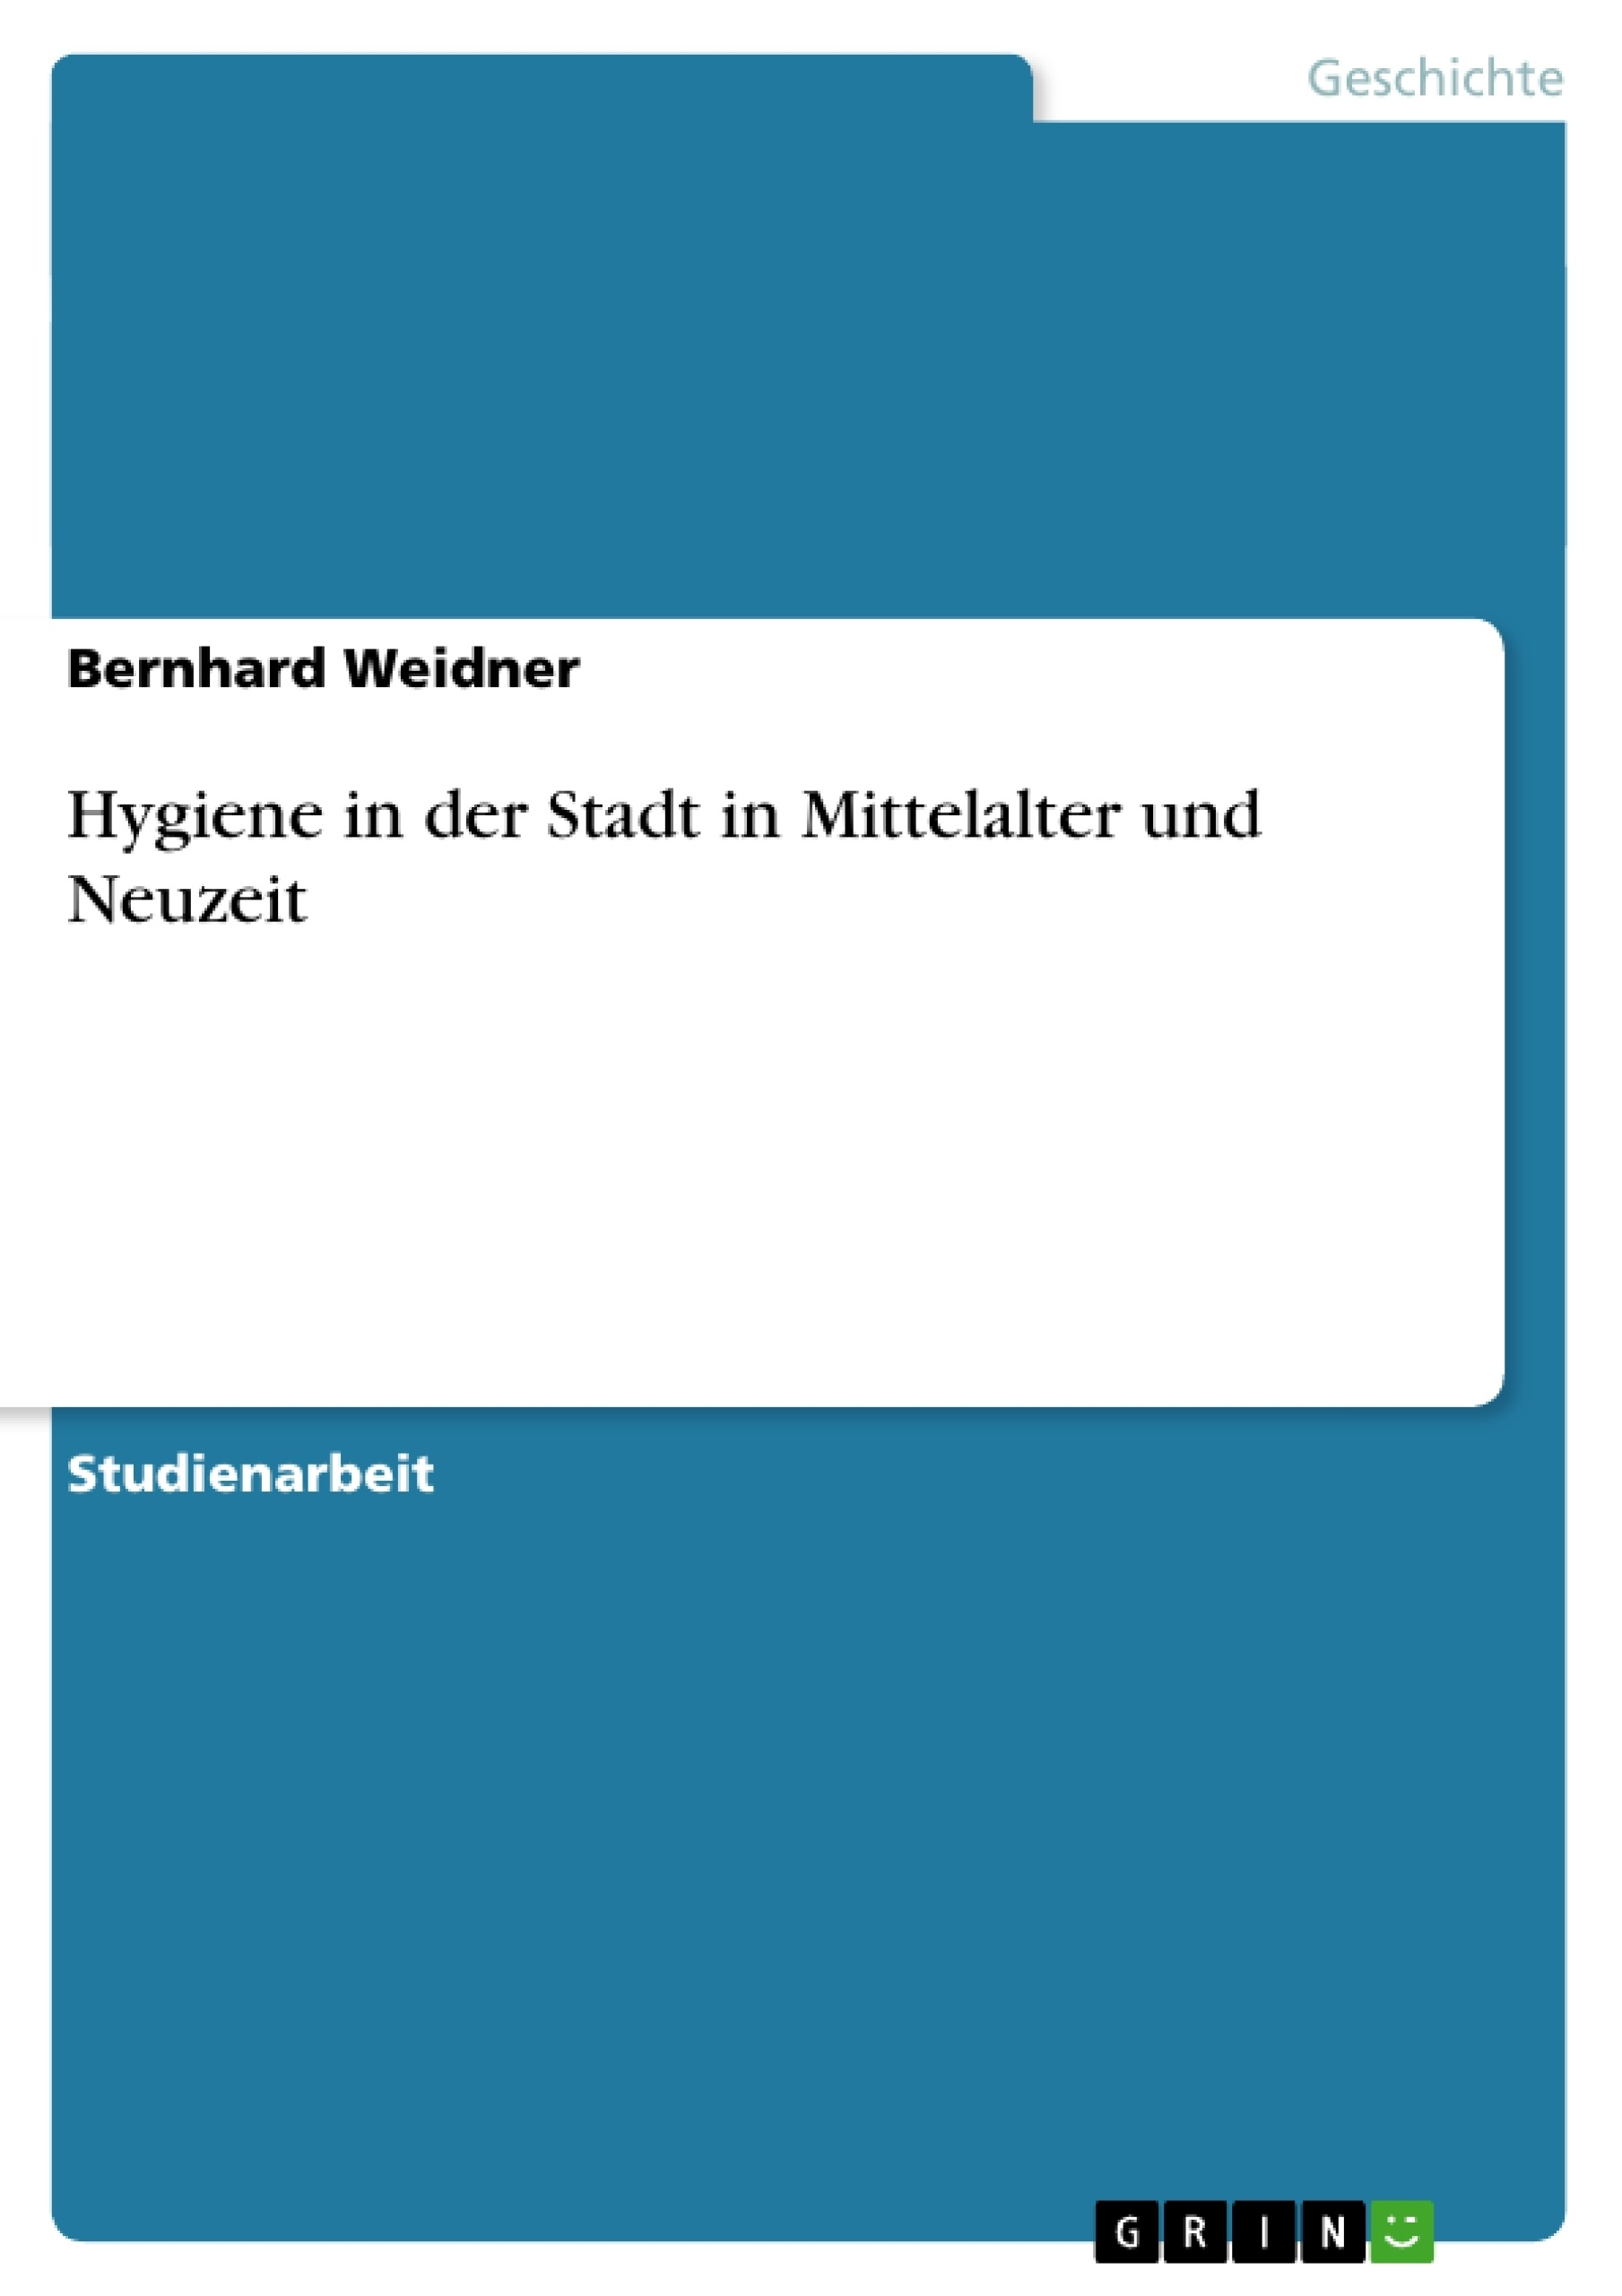 Titel: Hygiene in der Stadt in Mittelalter und Neuzeit